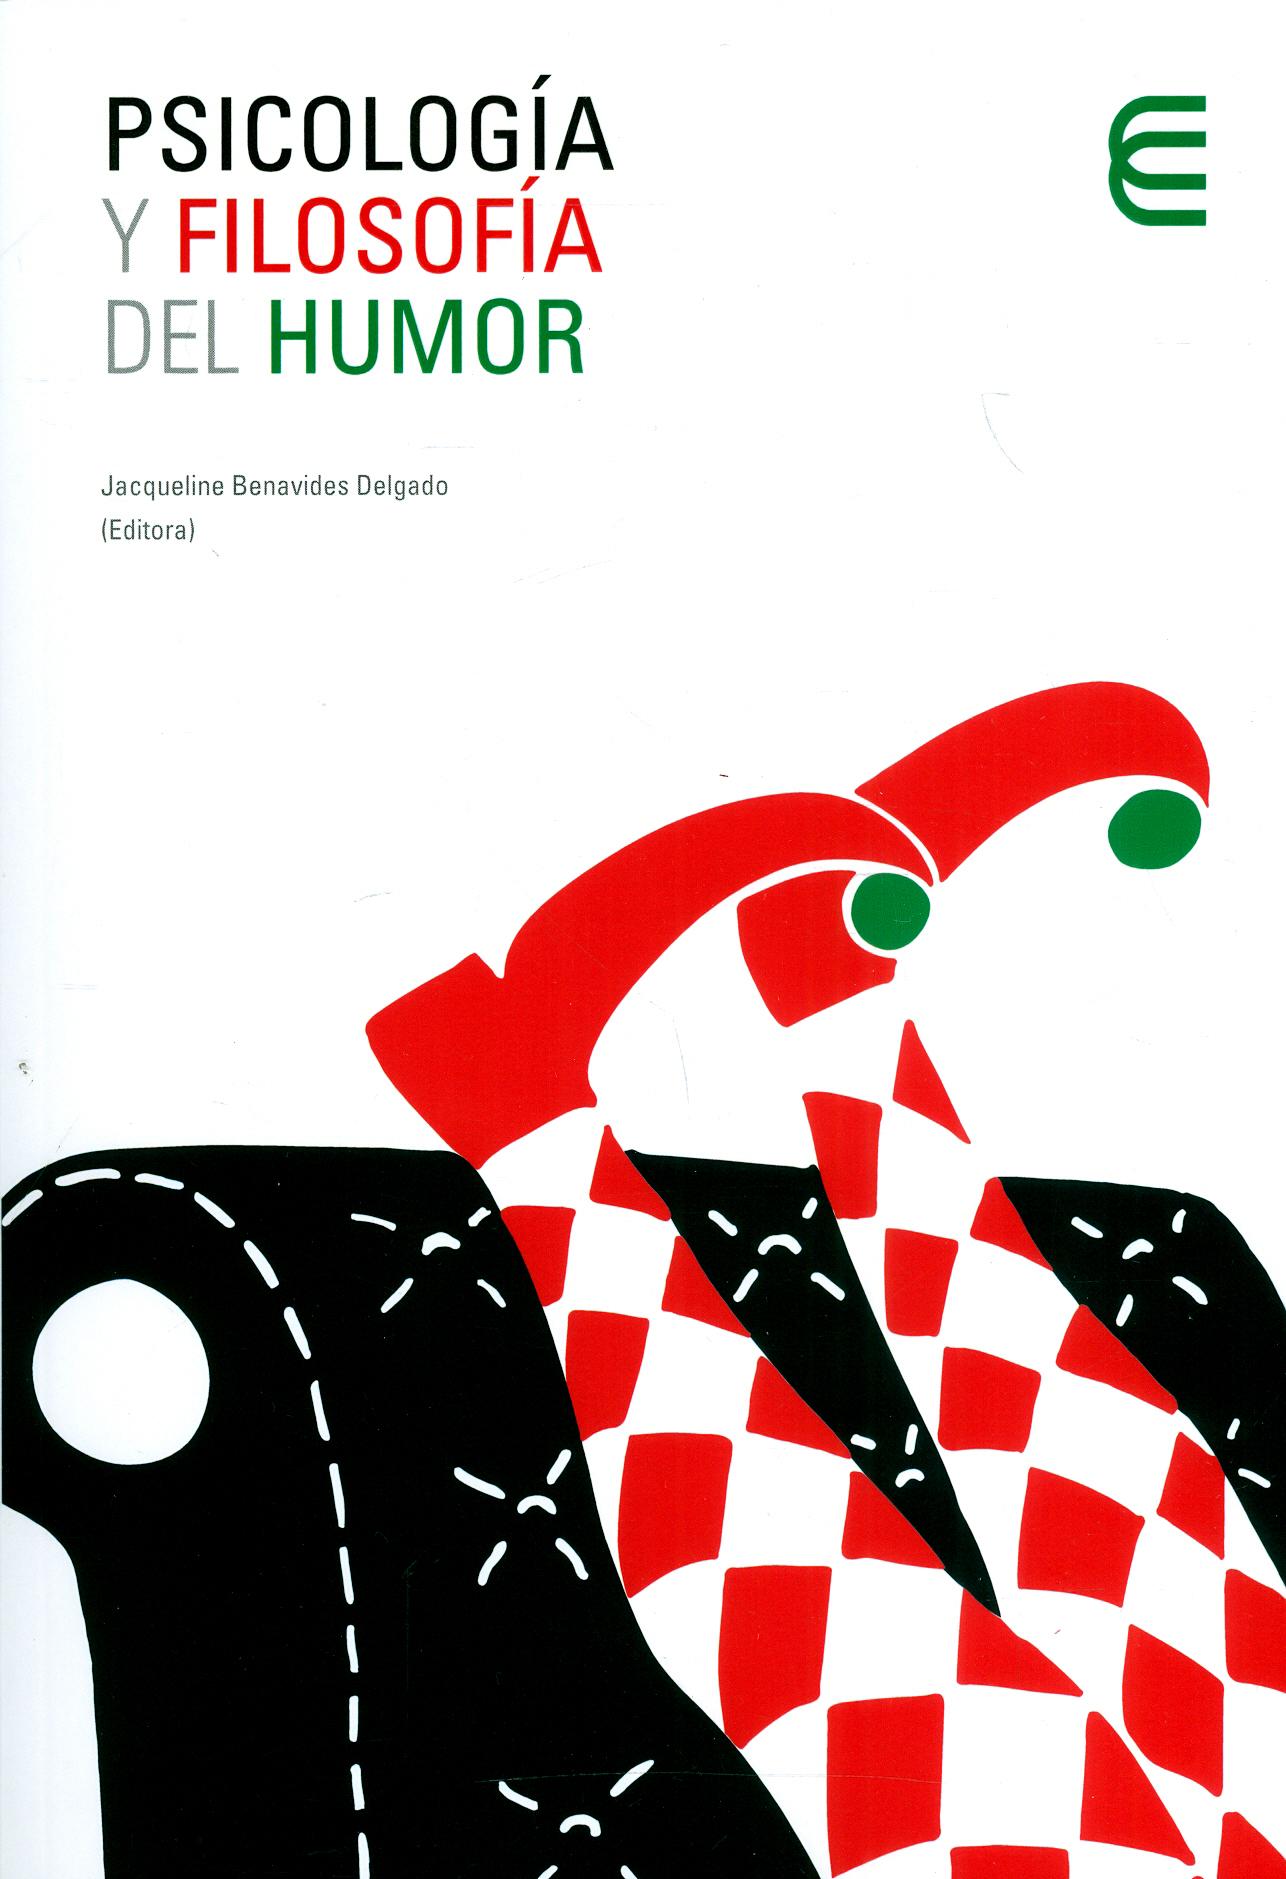 Psicología y filosofía del humor